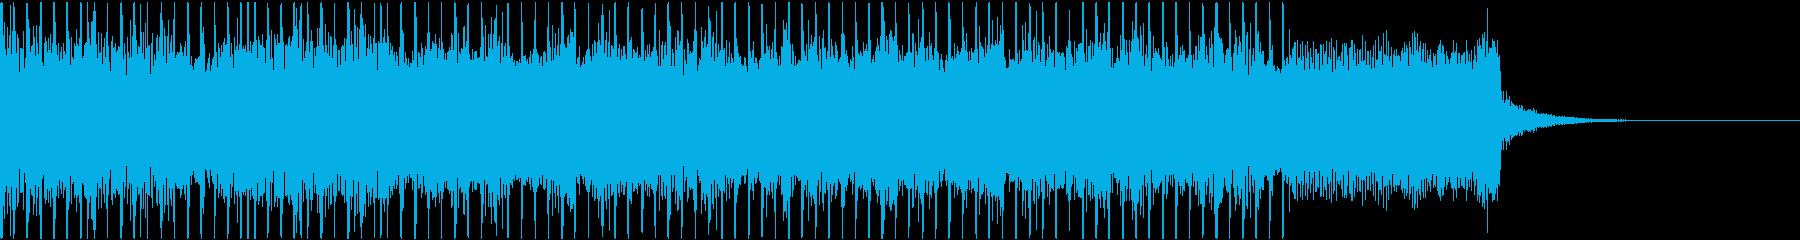 重量感と緊迫感のあるメタルリフジングルの再生済みの波形